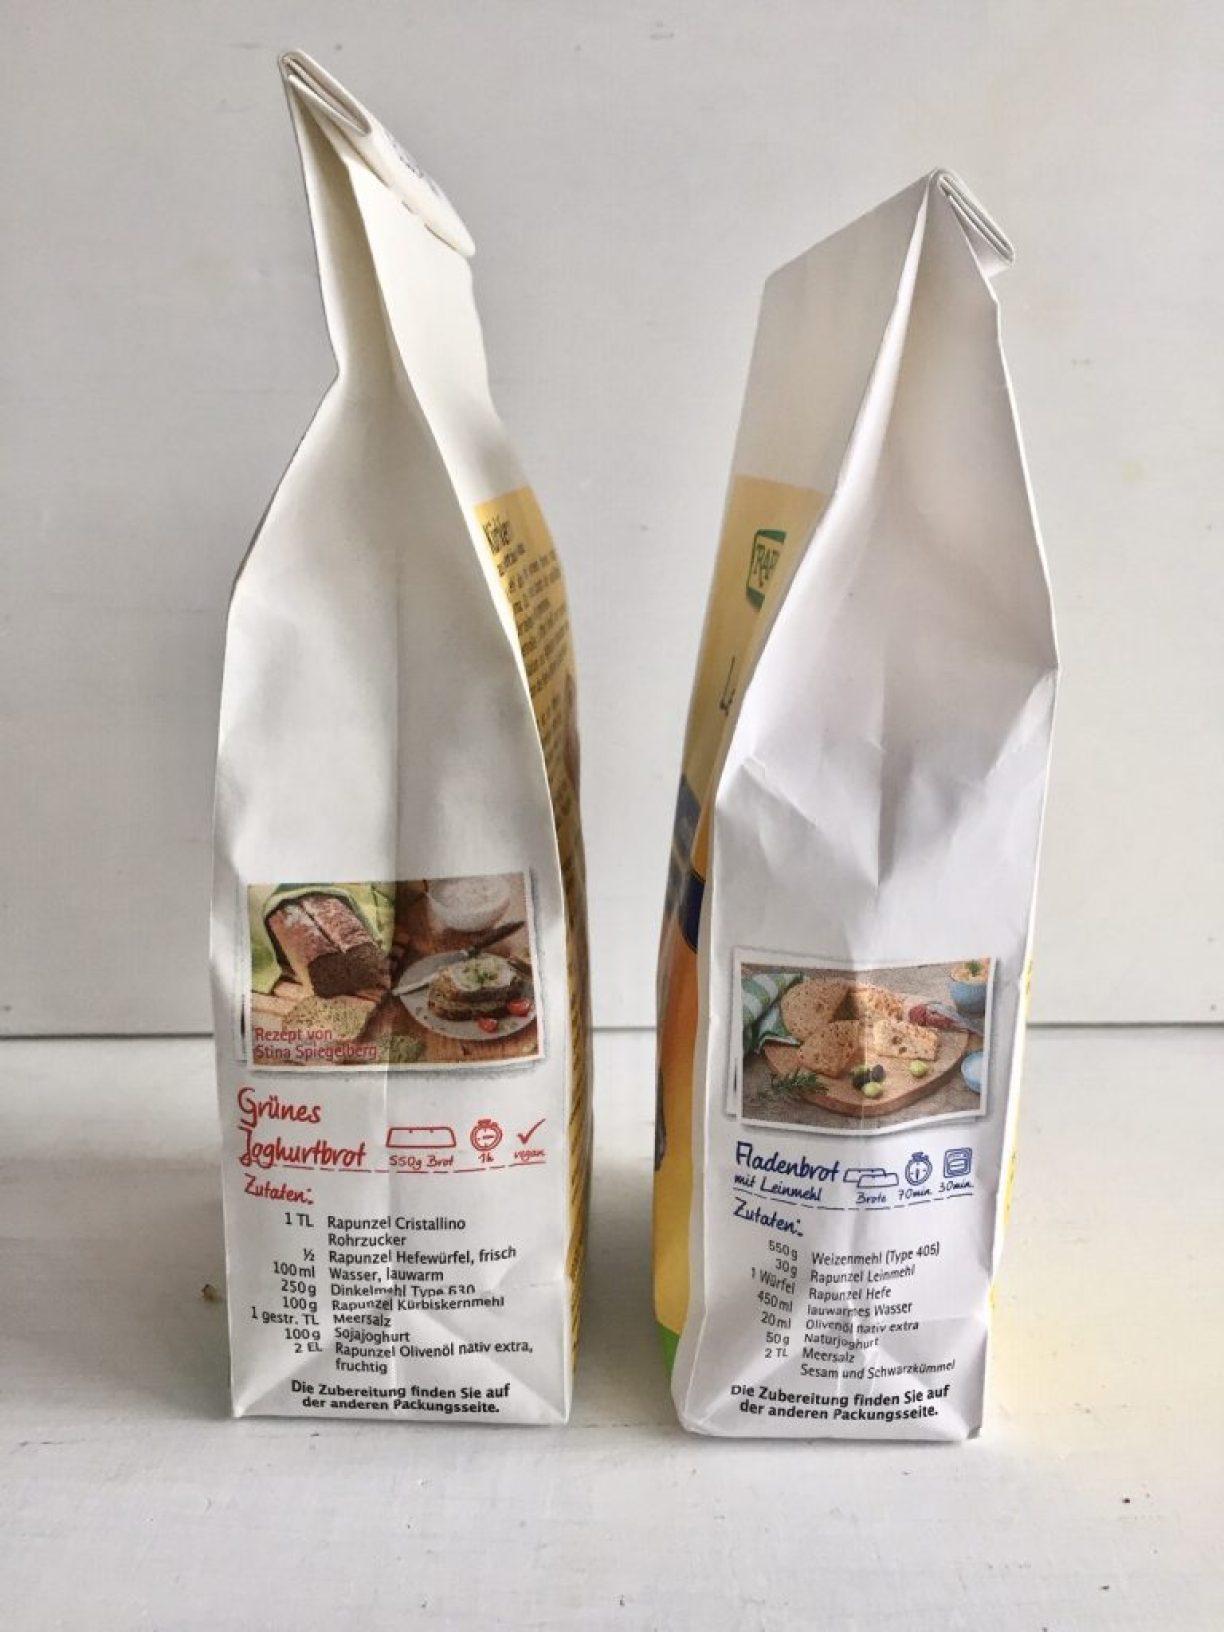 leinmehl ist so gesund, dass es auf Rezept verkauft werden müsste